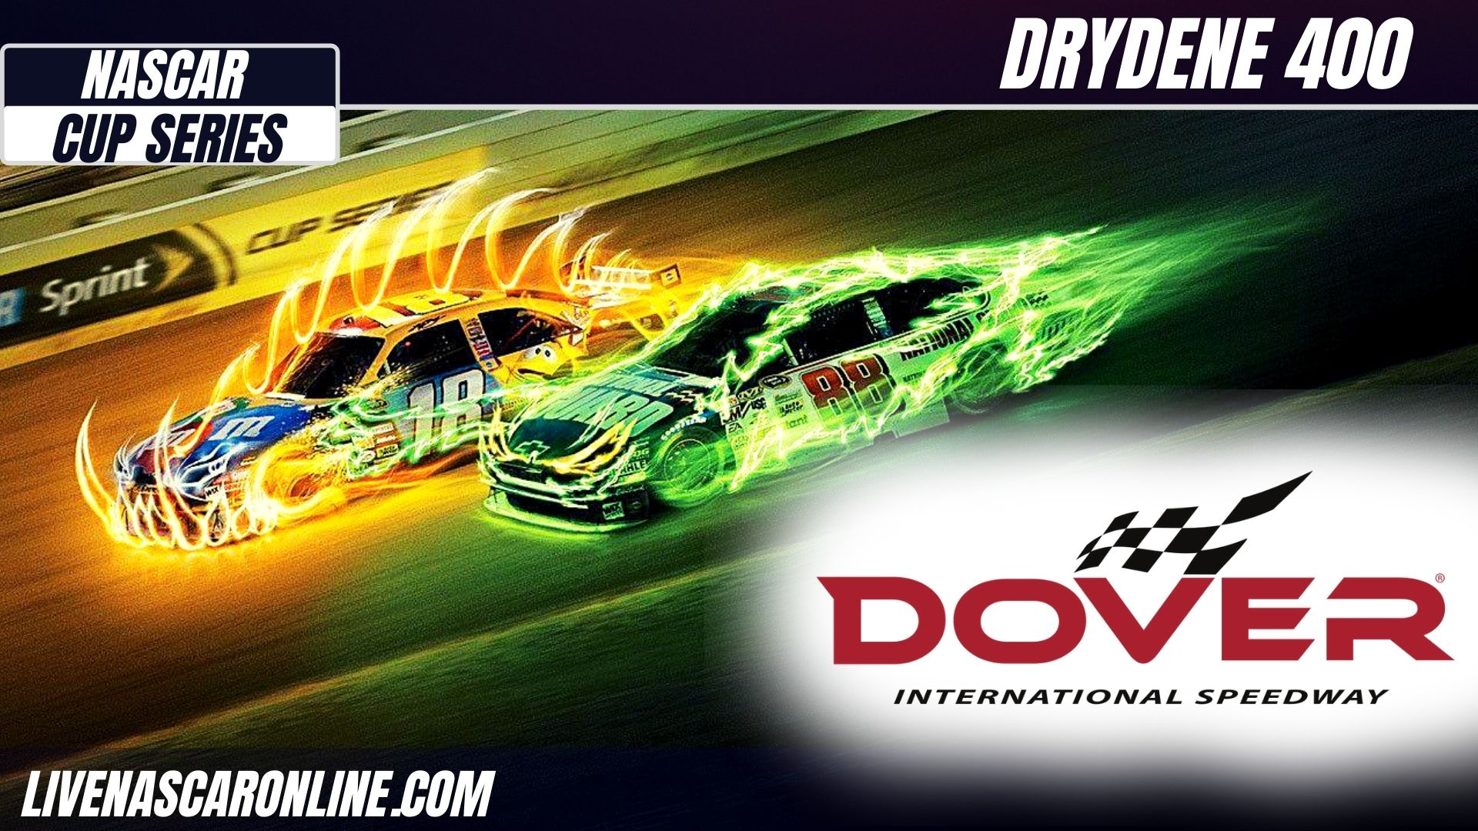 Drydene 400 at Dover Live Stream 2021